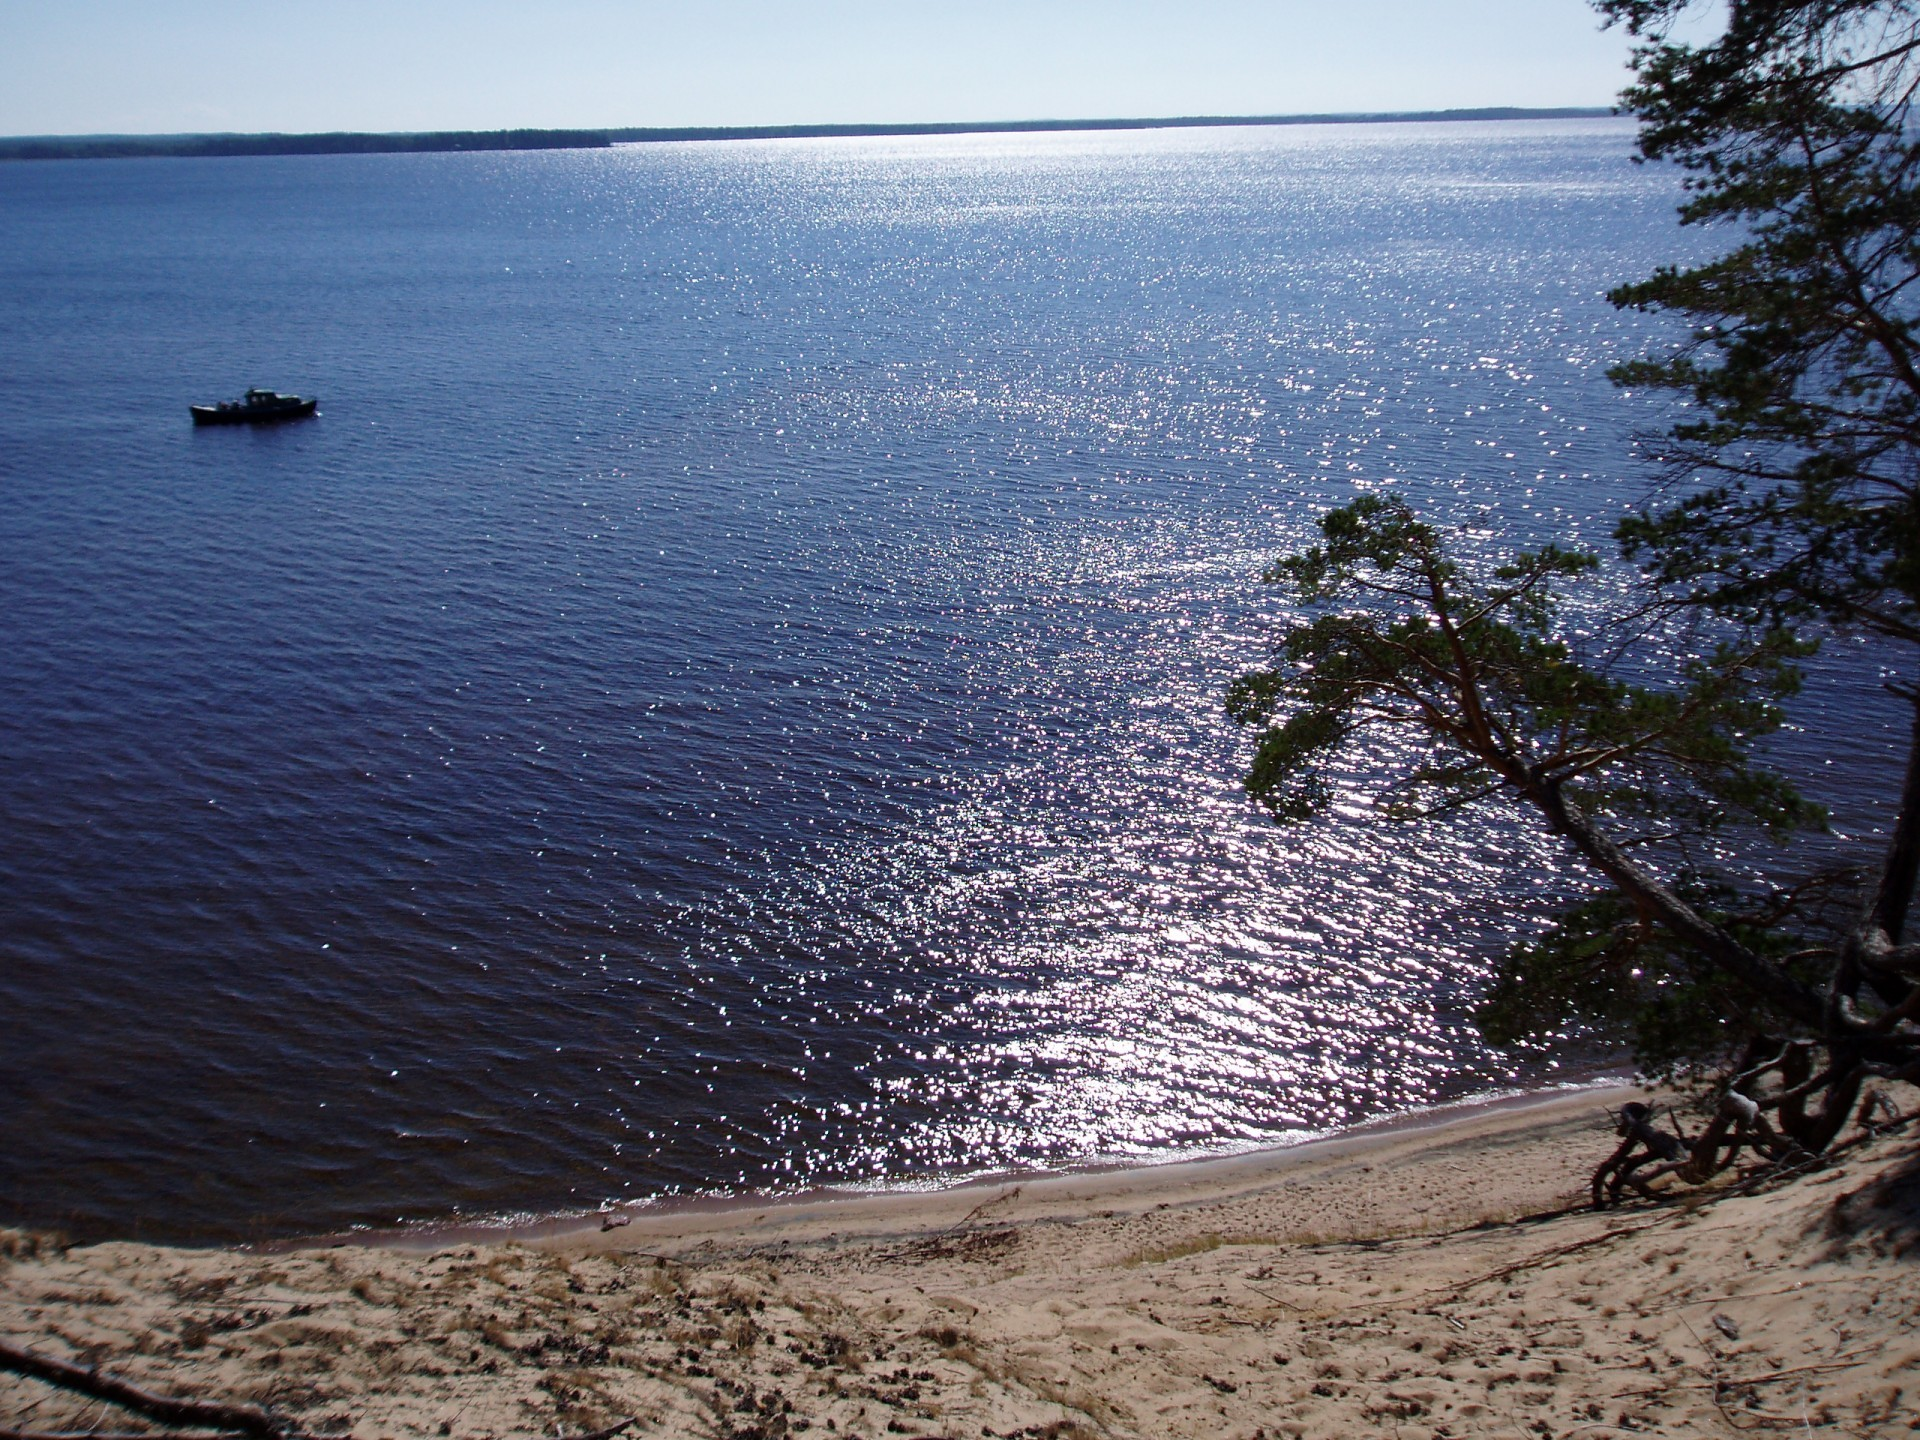 Oulujärvellä oli vielä 1980-luvulla puurunkoisia keskimoottoriveneitä, mutta nykyisin ne ovat melko harvinaisia.